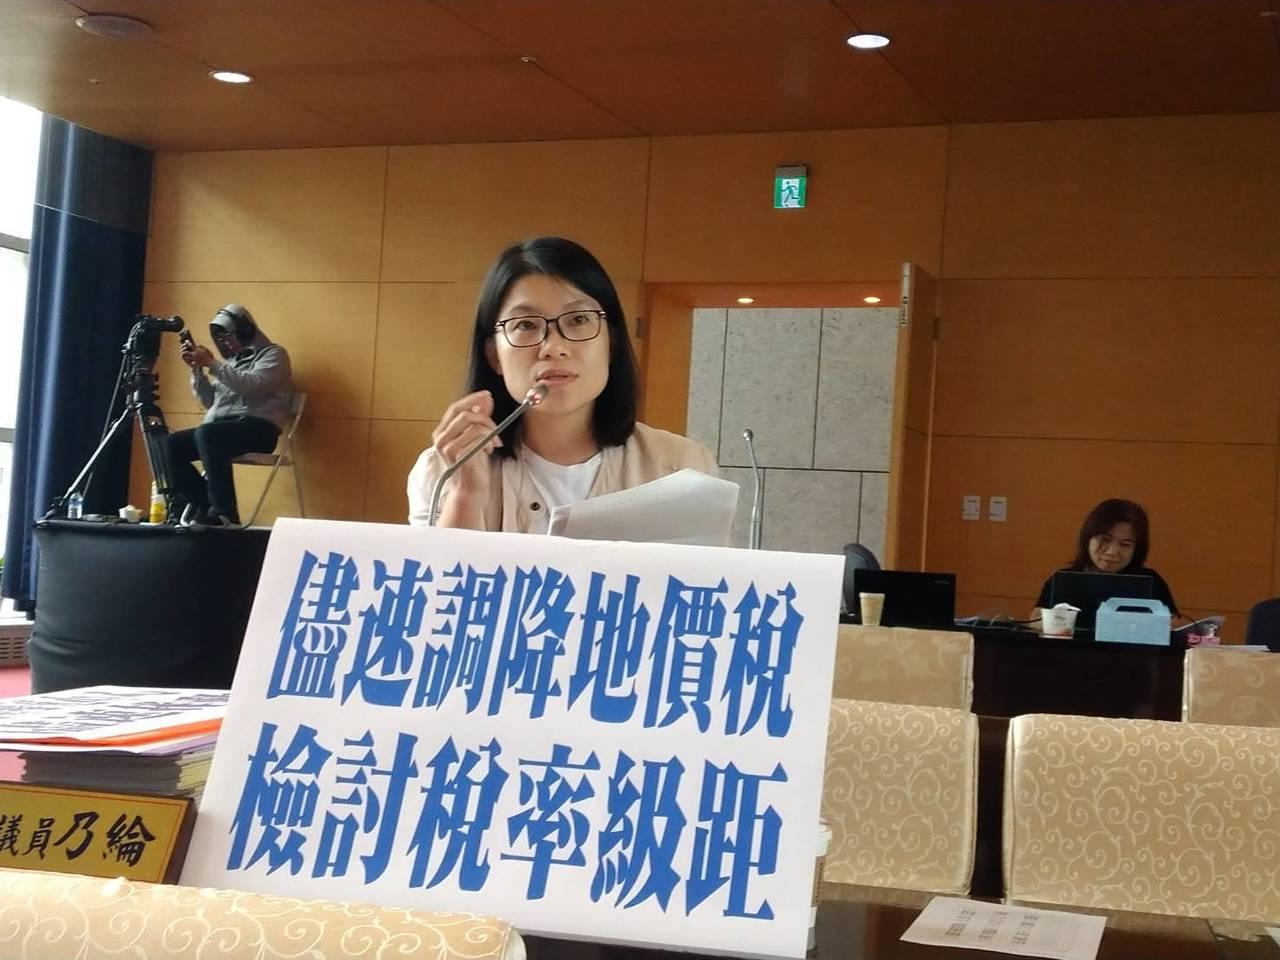 市議員張廖乃綸指出,市府應調降地價稅,並檢討稅率級距。圖/張廖乃綸提供